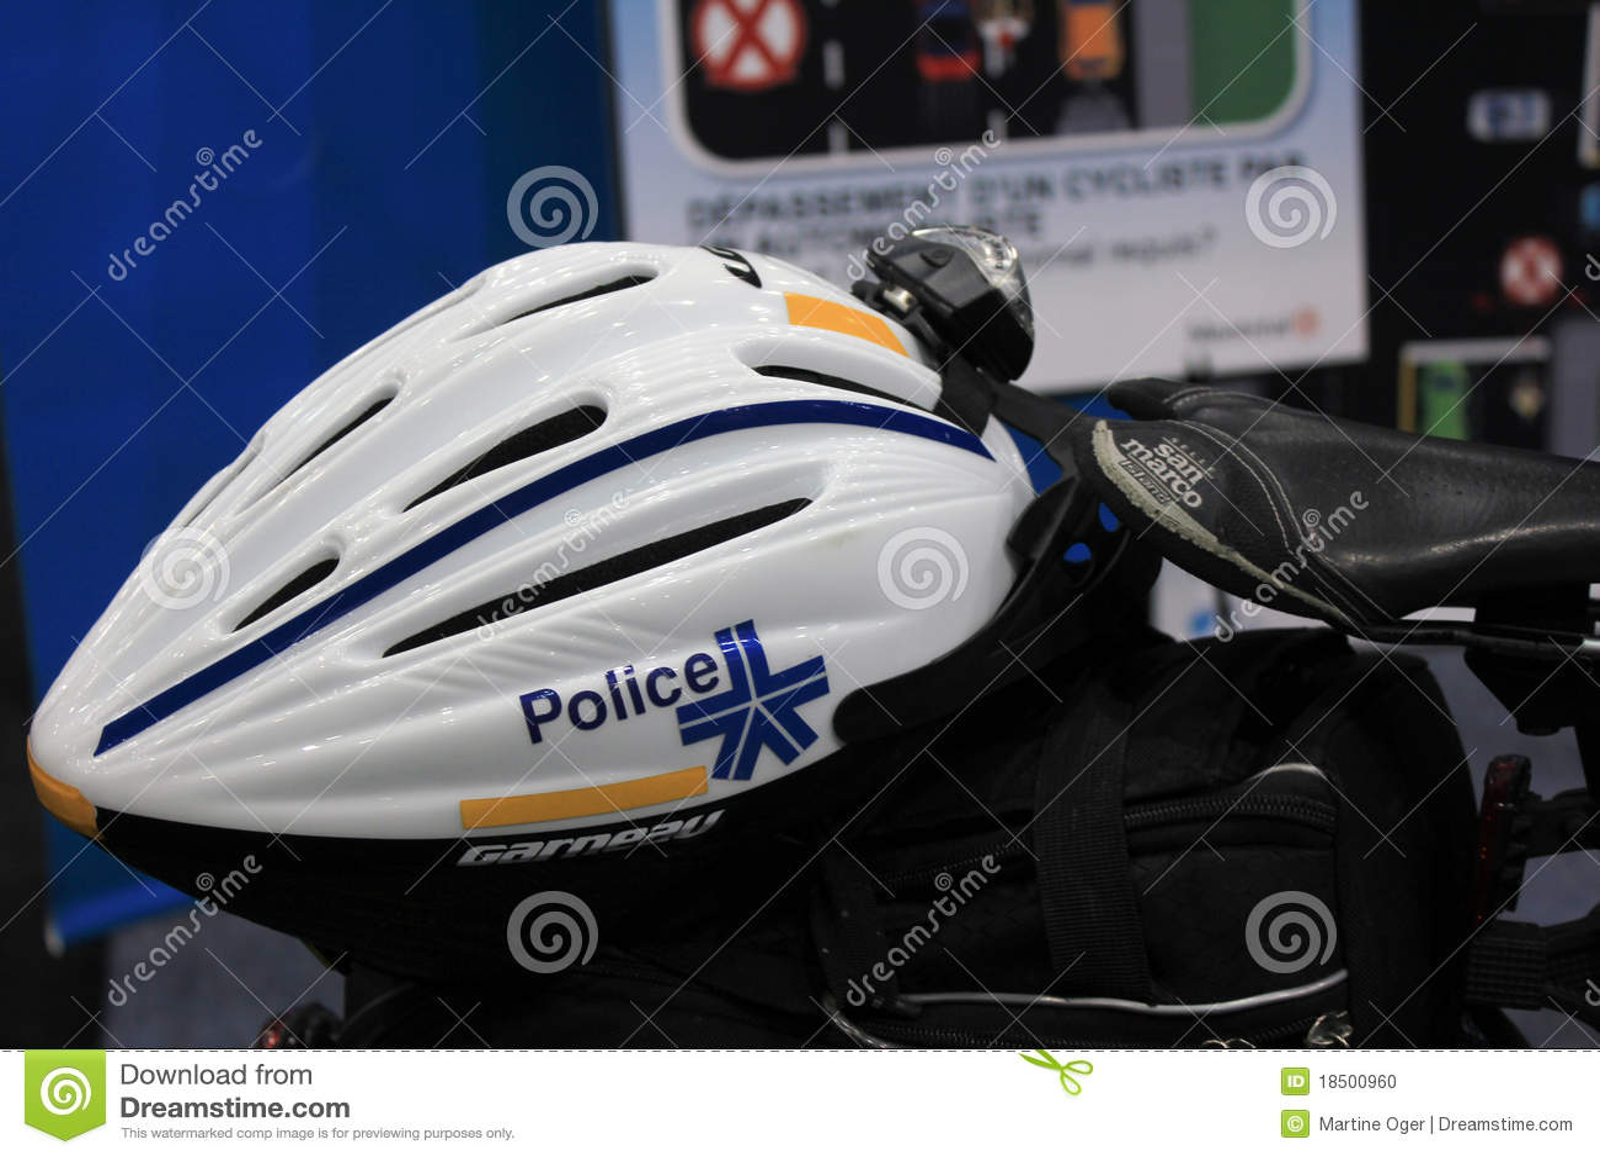 Casco della bici della polizia della citt di montreal for Casco bici citta